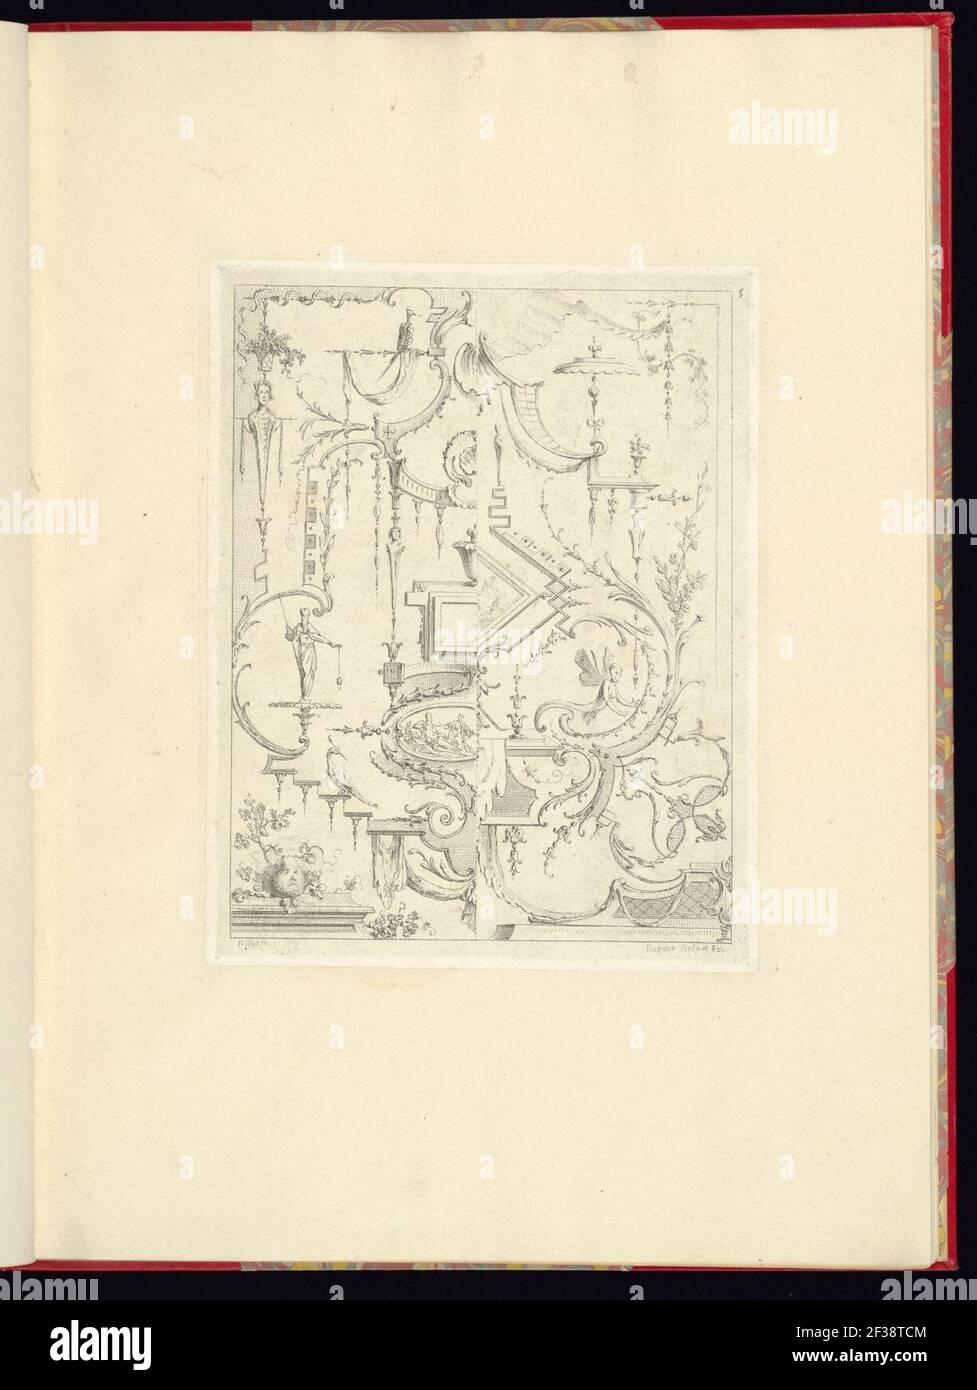 Print, Nouveau livre de principes d'ornements particulièrement pour trouver un nombre infini de formes qui dependent, d'après les dessins de Gillot. Peintre du Roy, gravé par Huquier; pl. 5 Stock Photo